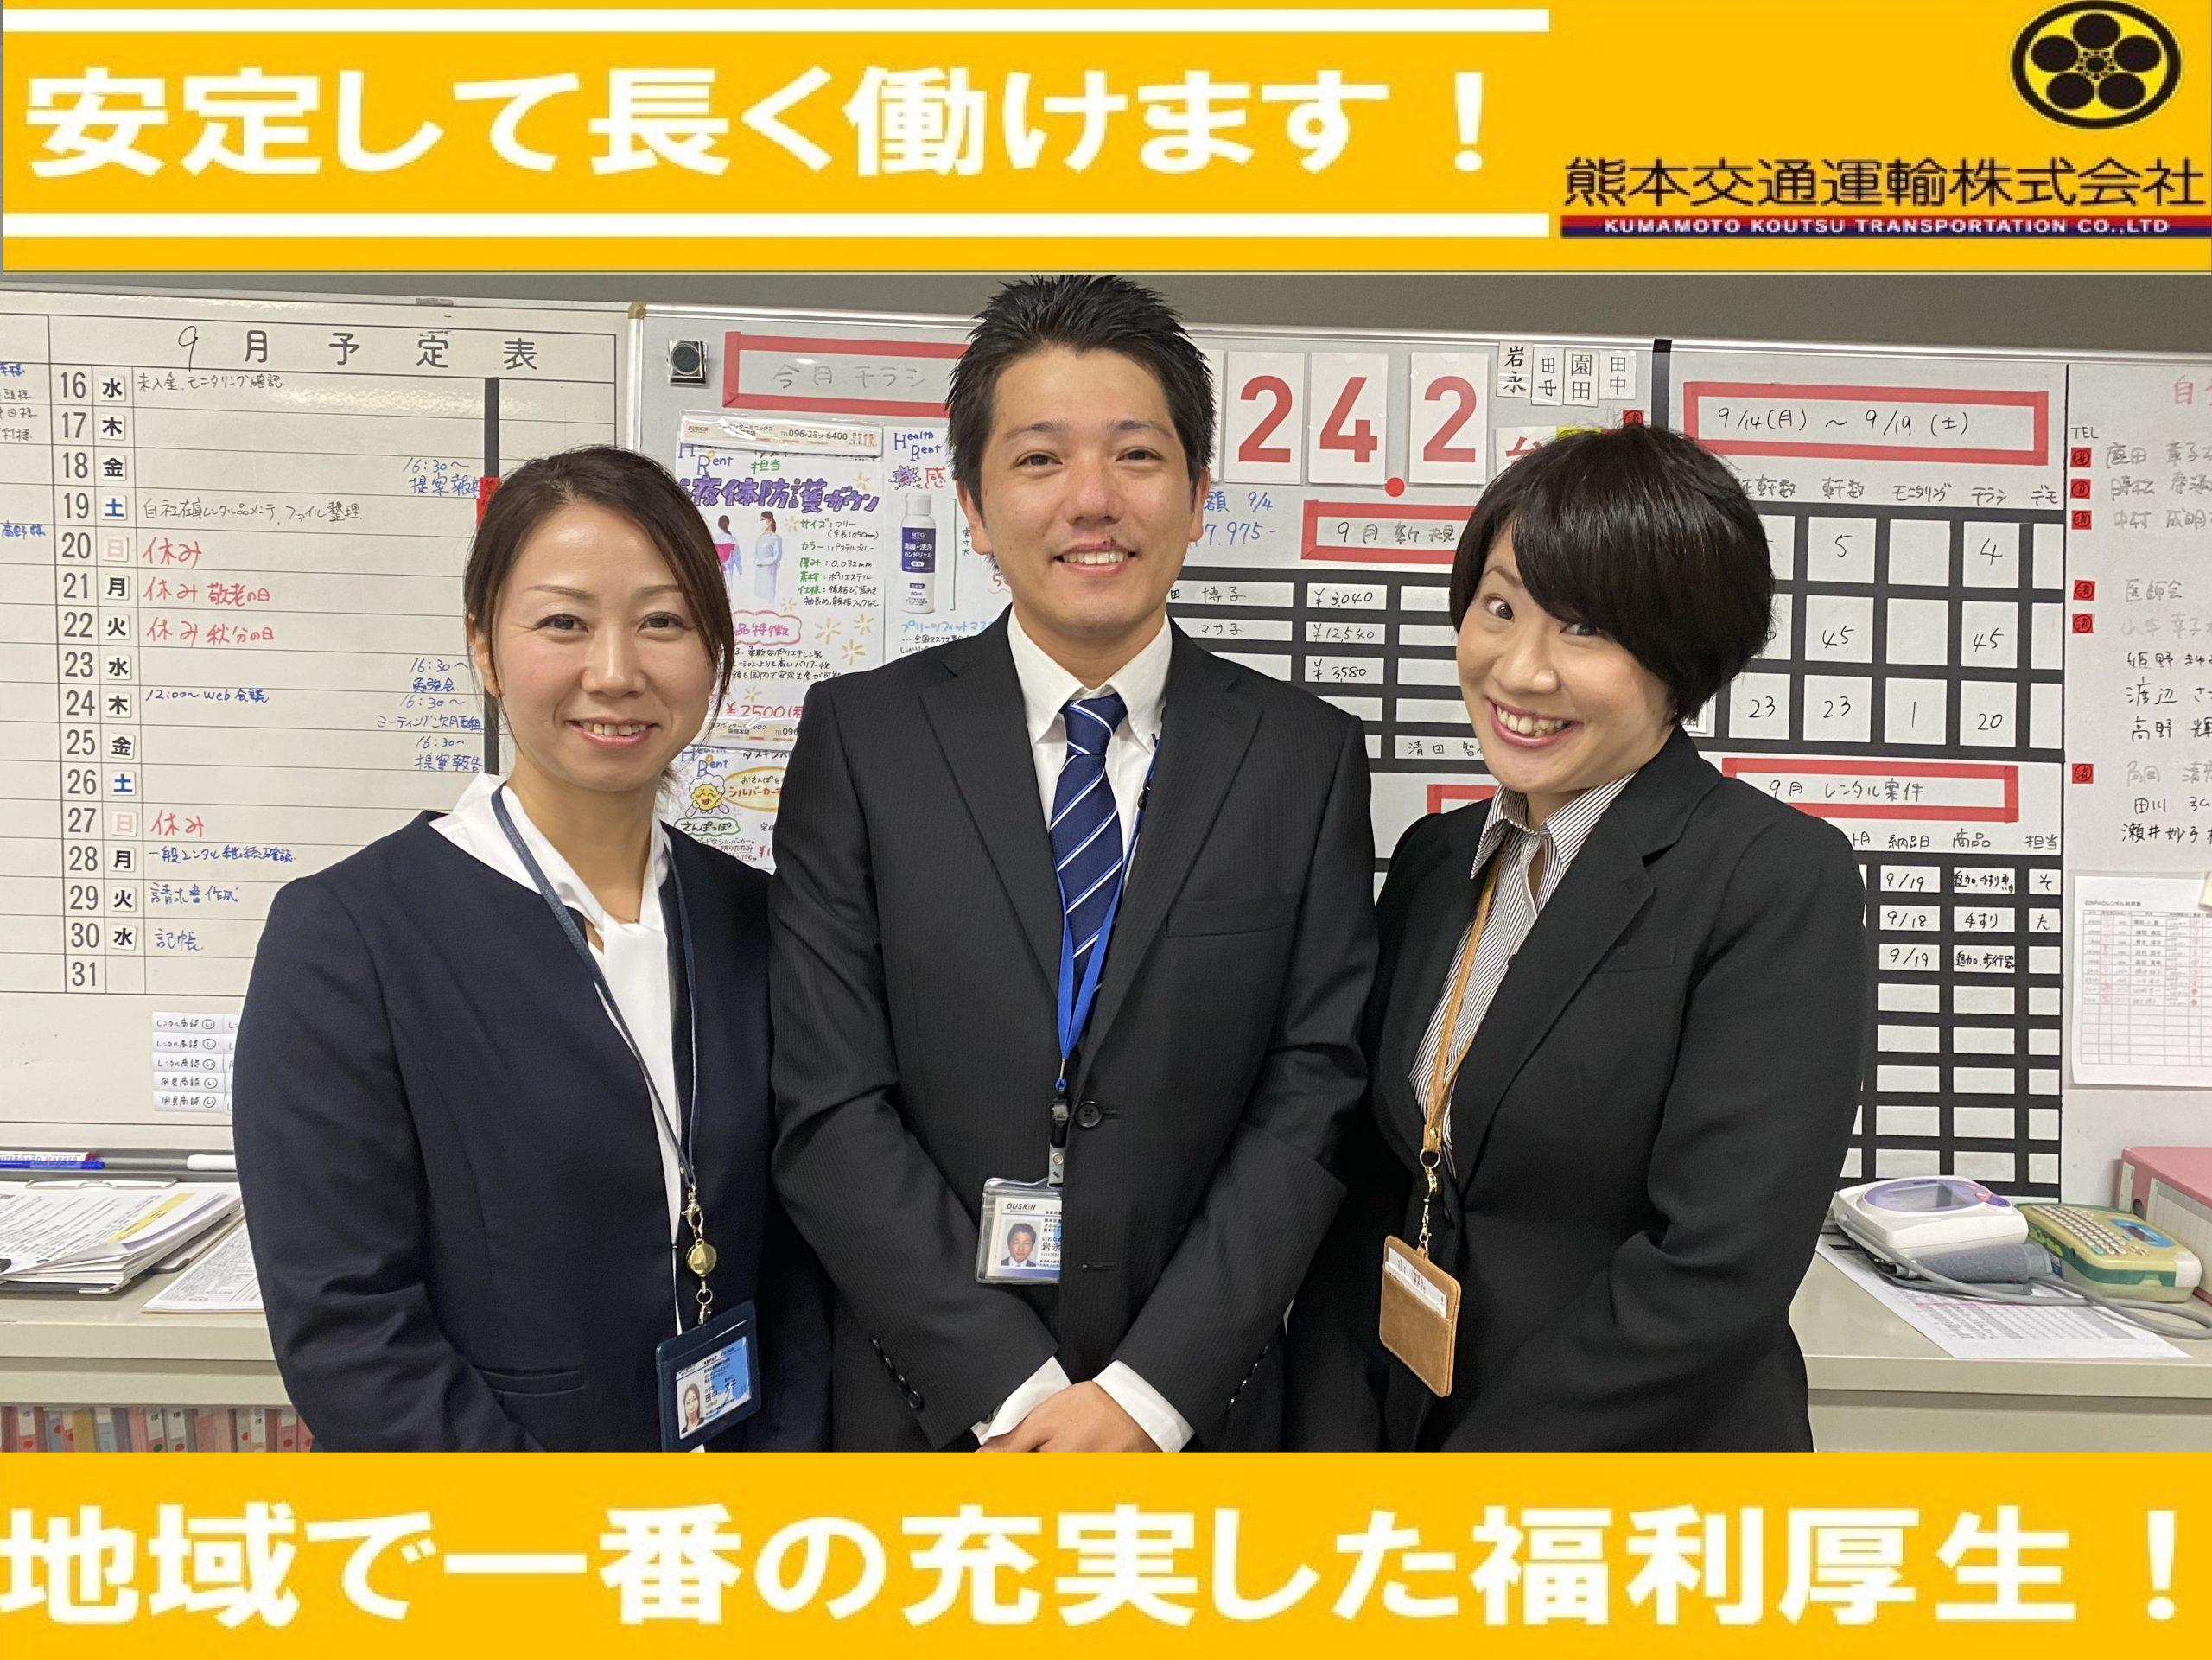 ダスキンヘルスレント熊本ステーション 業務スタッフ